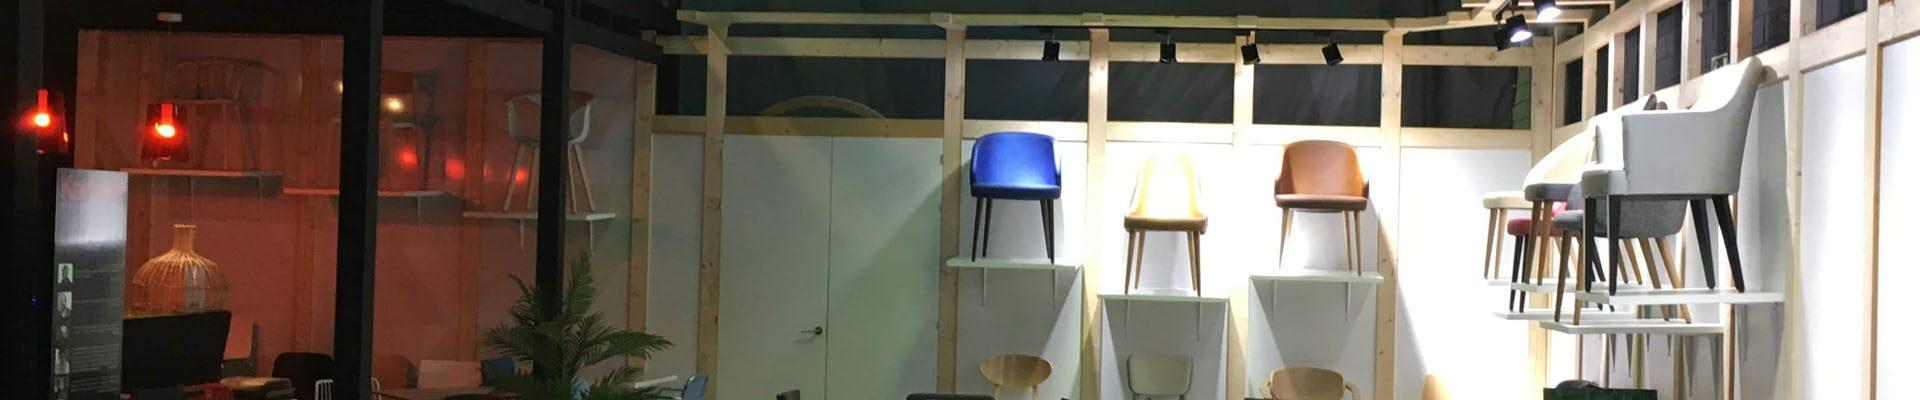 showroom-madrid-4